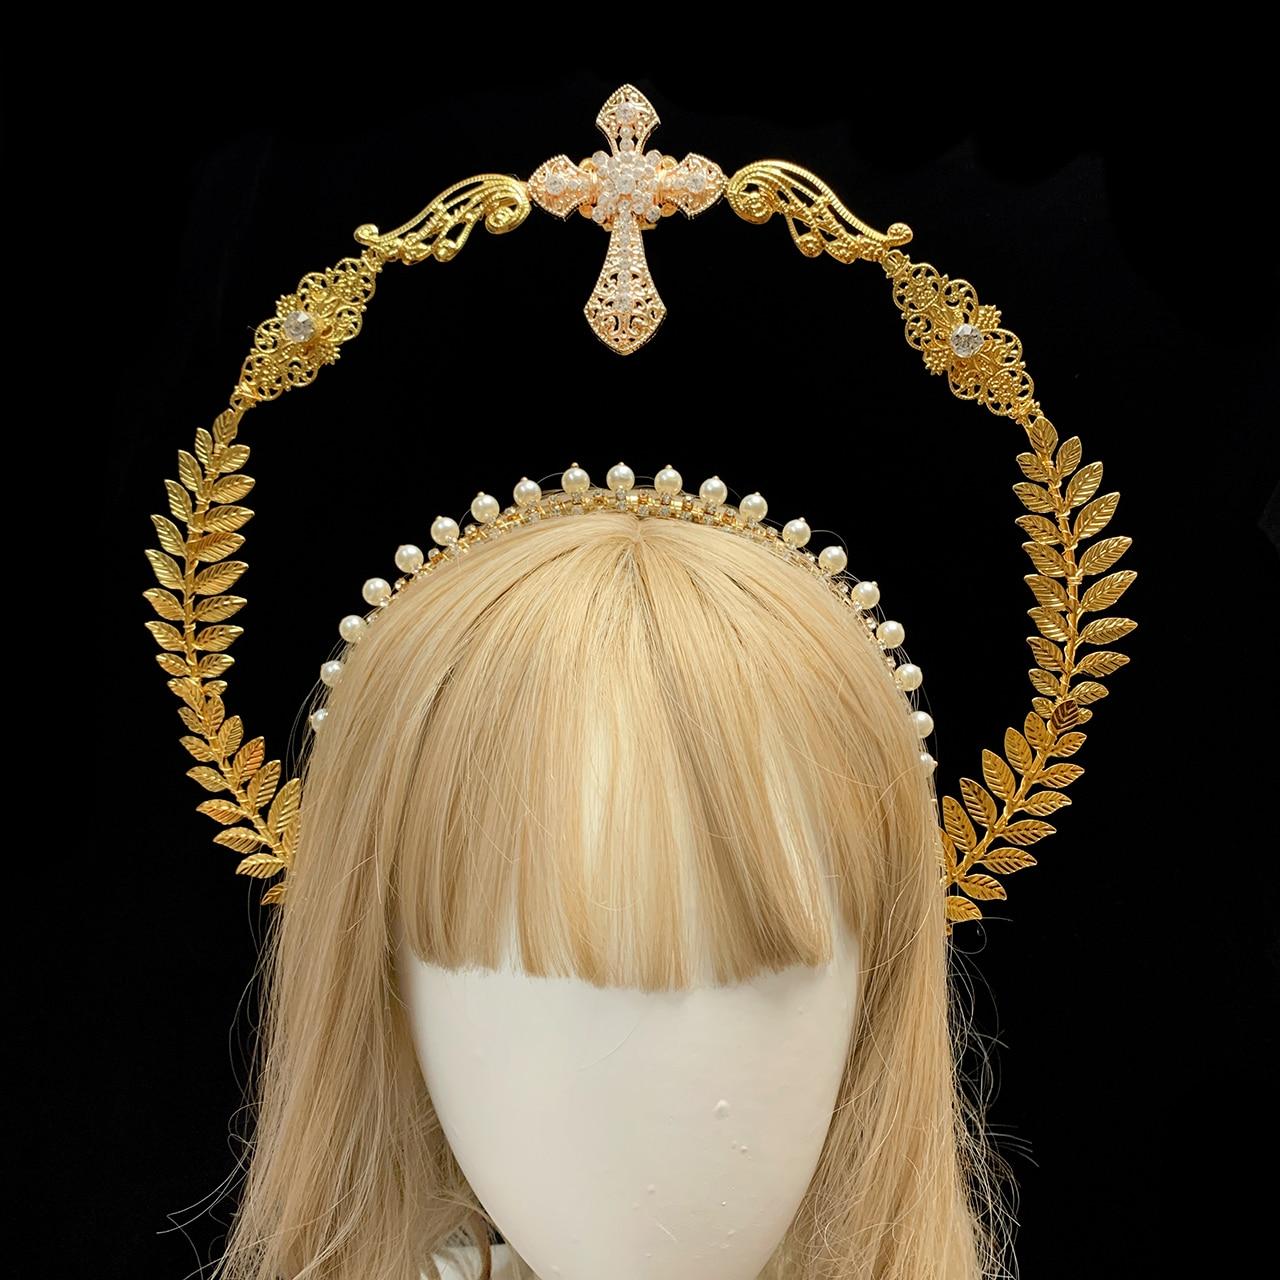 الذهب هالو خوذة لوليتا غطاء الرأس الشمس آلهة مريم العذراء القوطية رائع عقال إكسسوارات الشعر